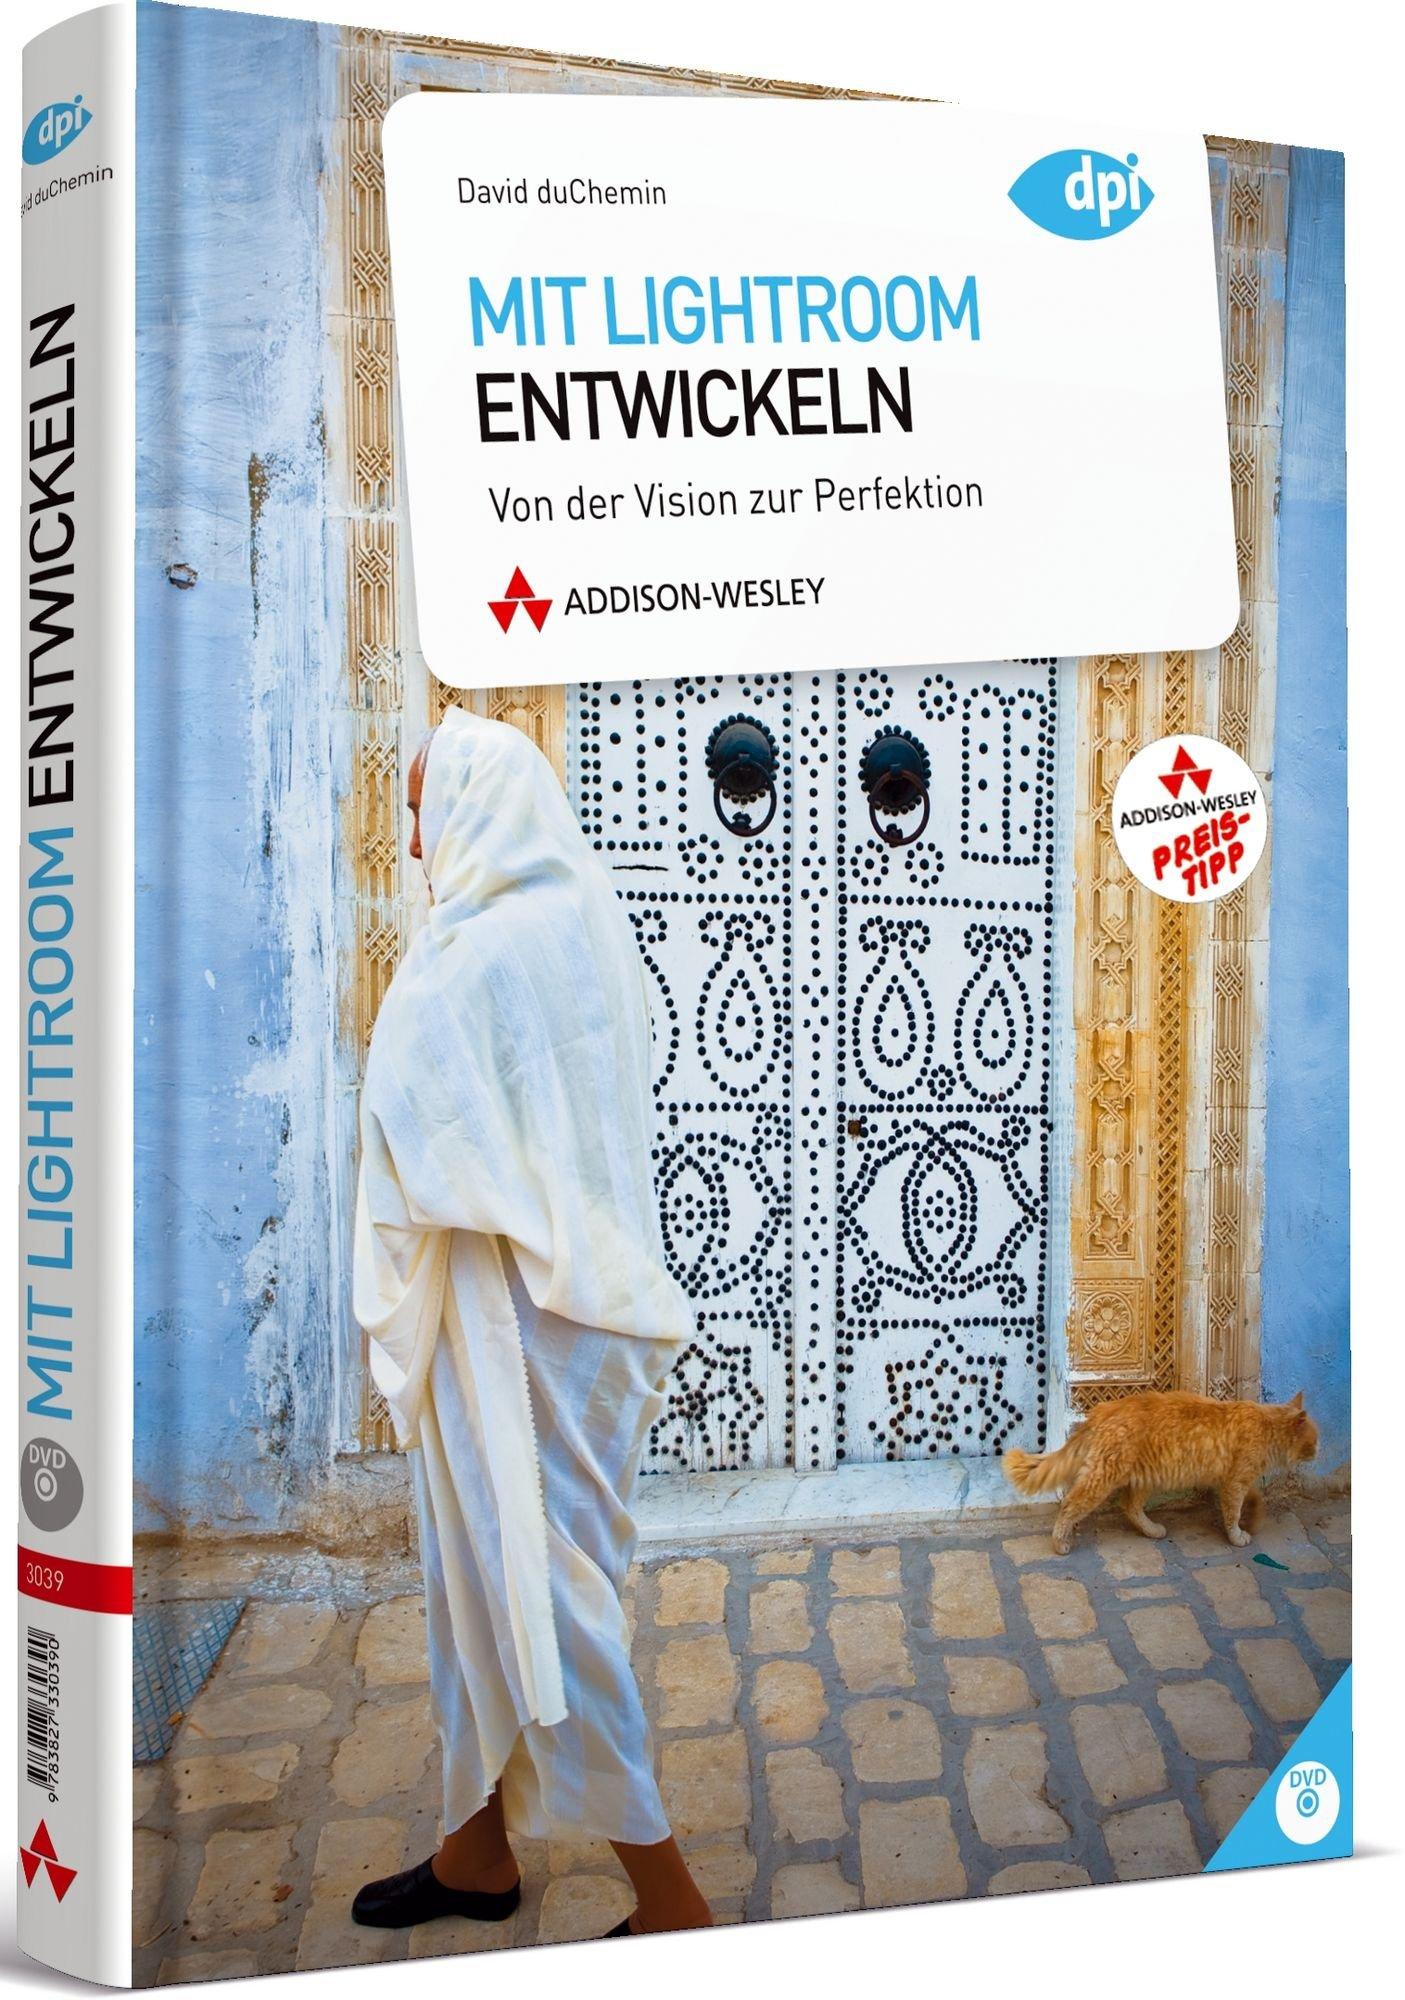 Mit Lightroom entwickeln (R): Von der Vision zur Perfektion (DPI Grafik) Gebundenes Buch – 1. November 2012 David duChemin Addison-Wesley Verlag 3827332362 Anwendungs-Software